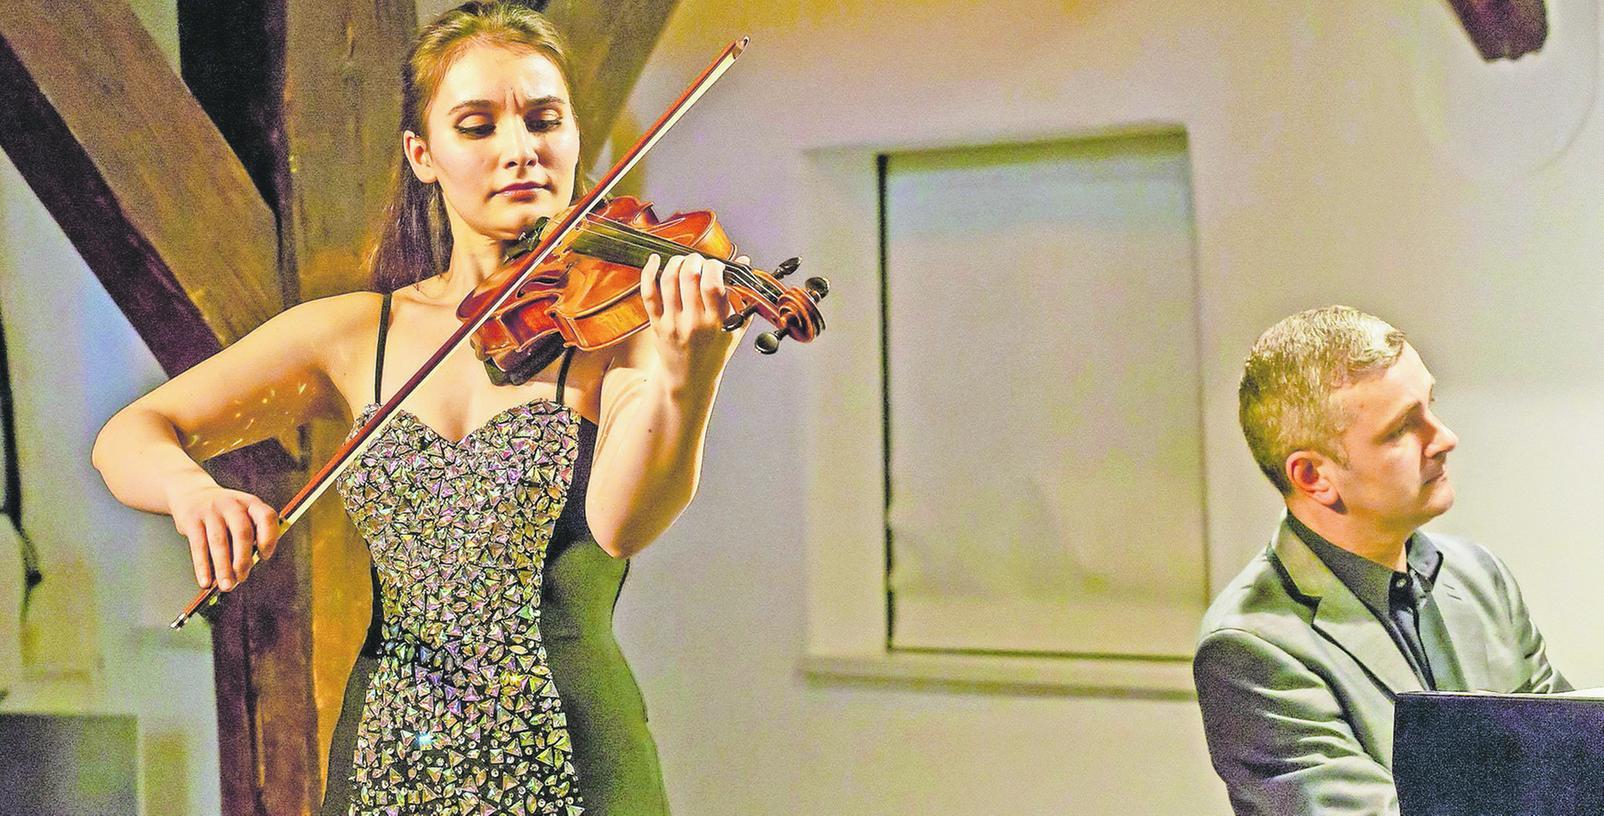 Zwei, die sich wunderbar ergänzen: Geigerin Nazrin Rashidova und ihr Klavierpartner Daniel Grimwood als subtiler Sekundant bei ihrem Auftritt im Bürgerhaus.